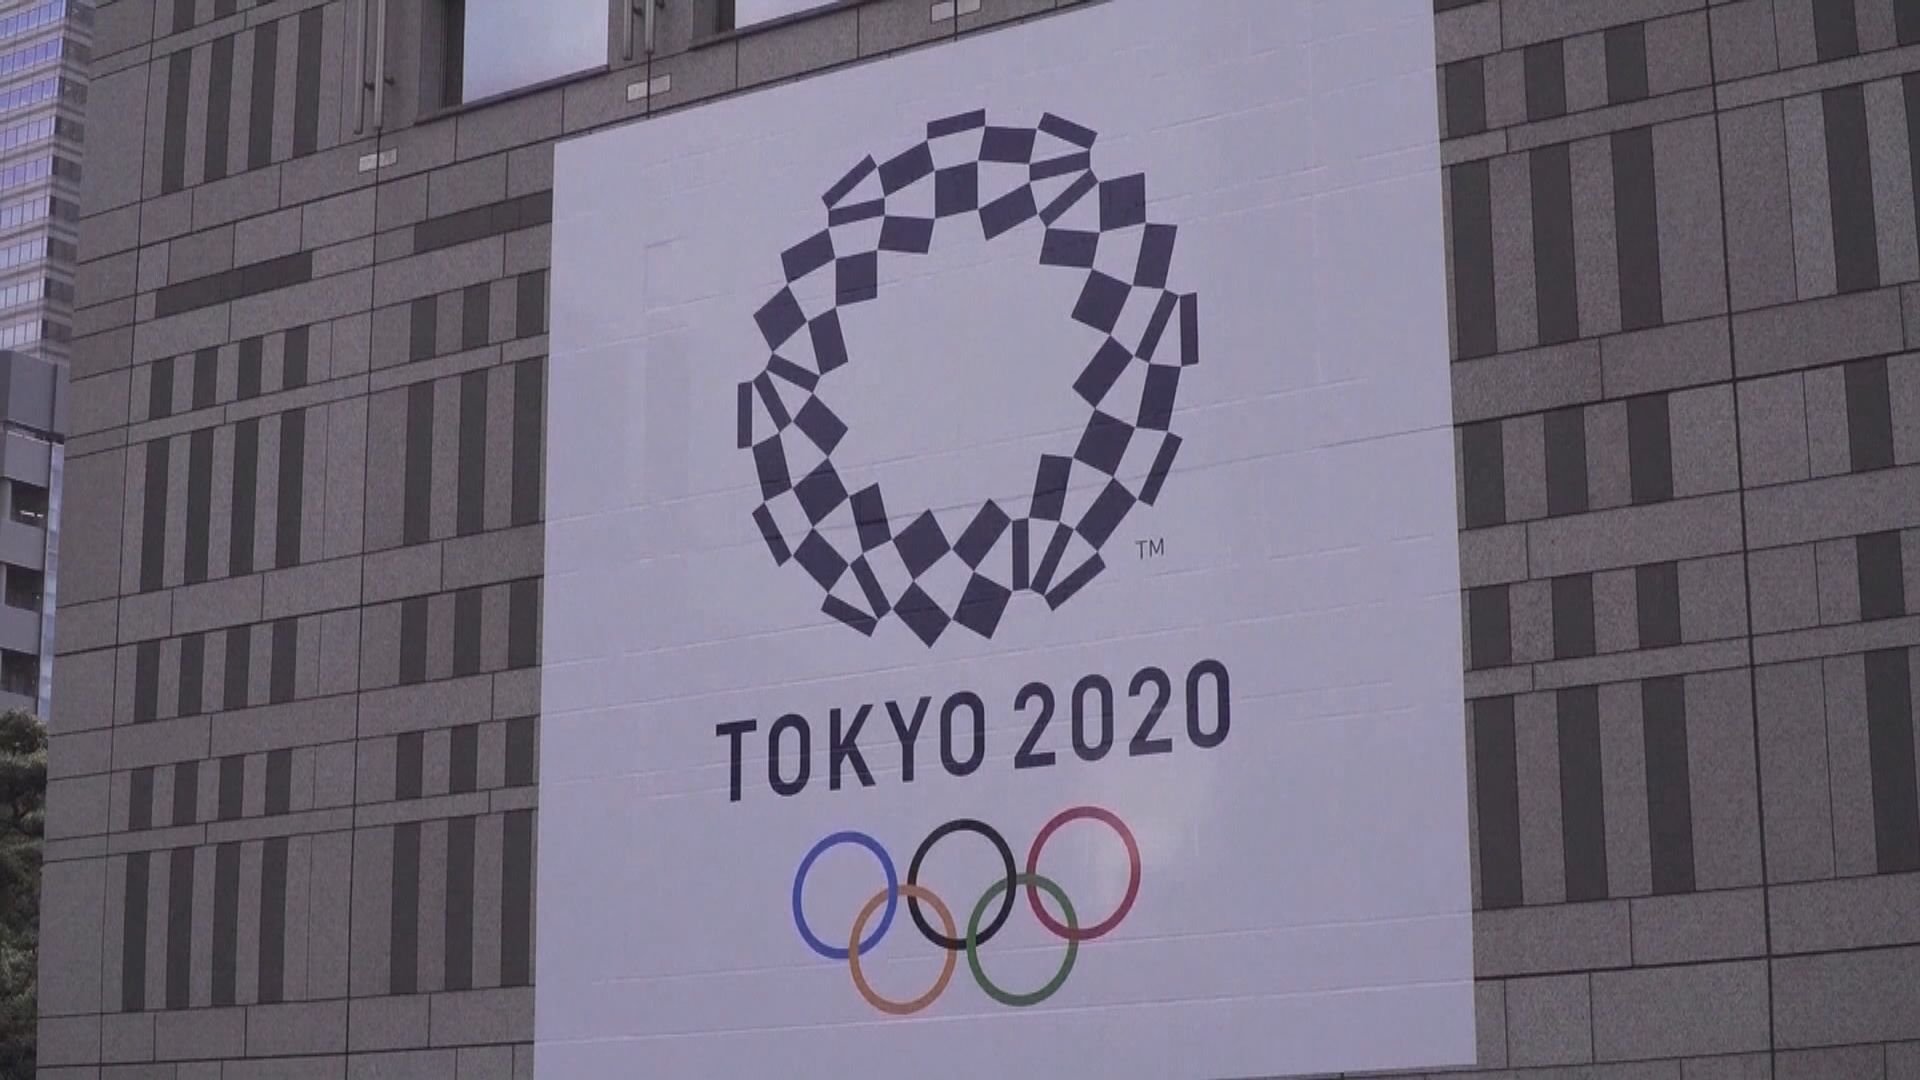 分析指美國調高對日本旅遊建議級別增東奧舉行不確定性